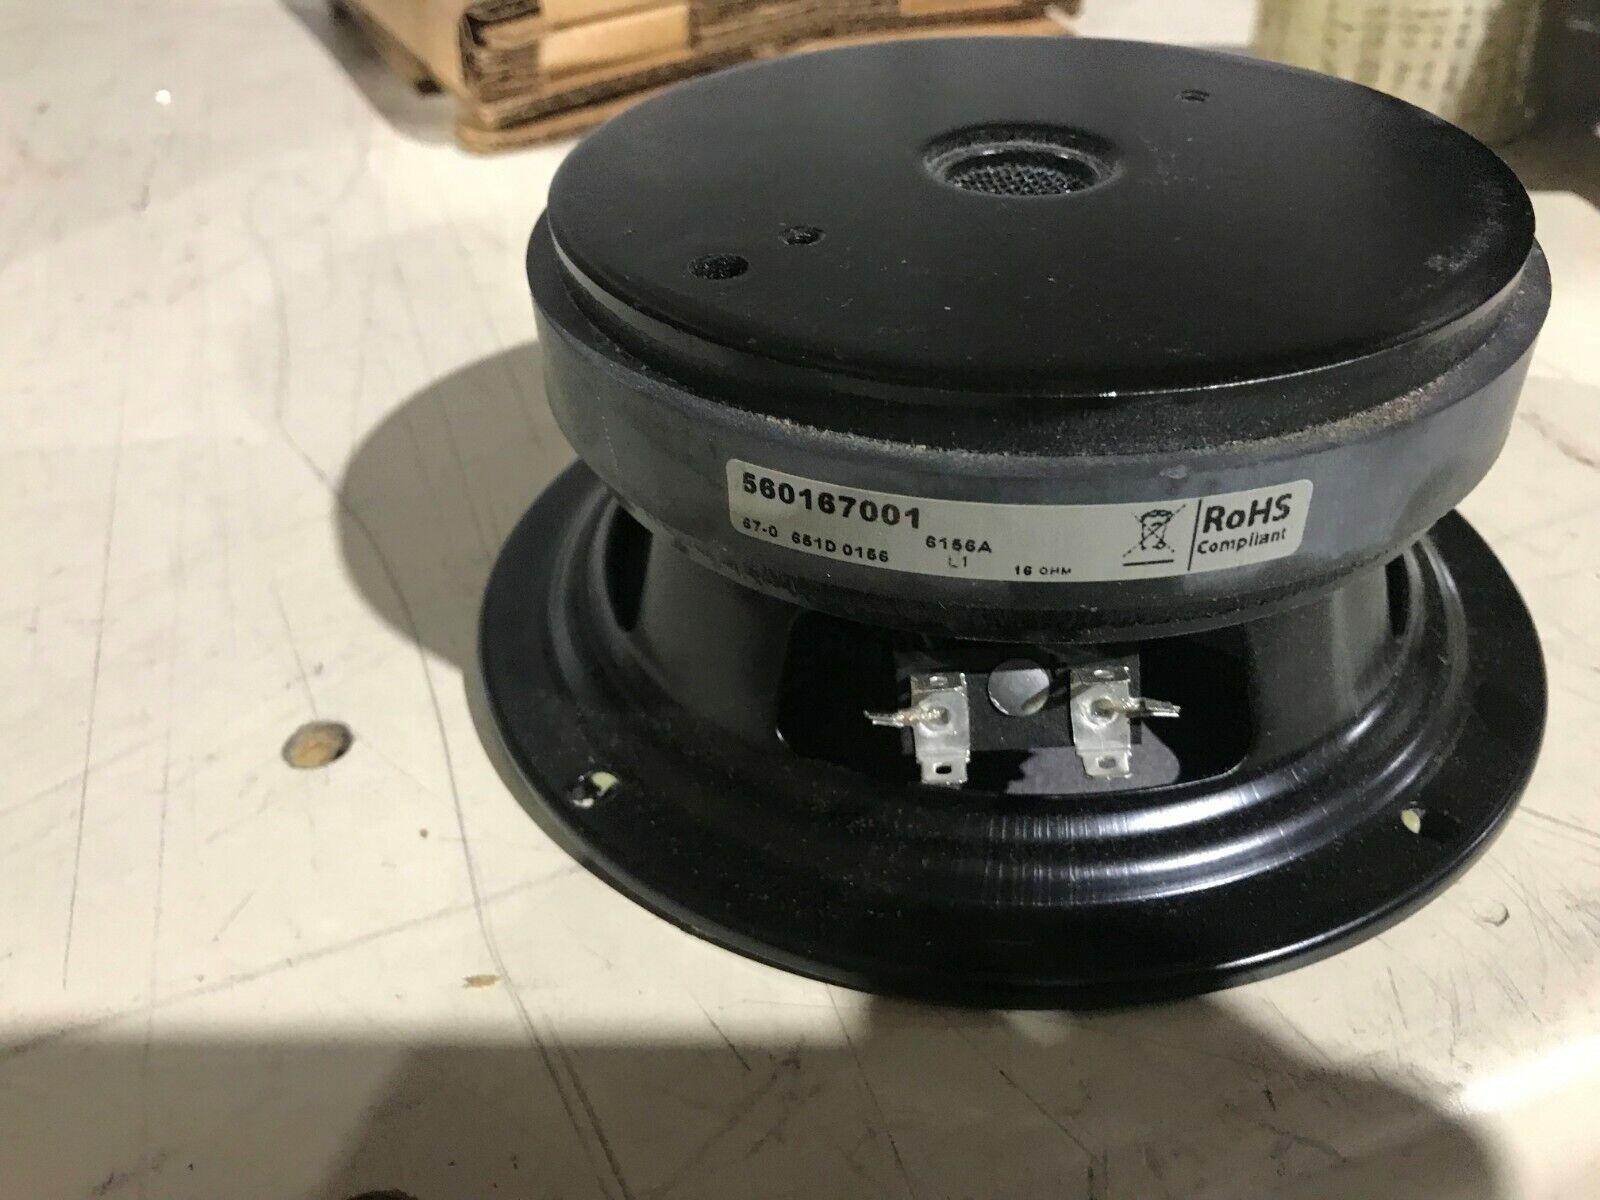 Electro Voice Mid Range Speaker 560167001